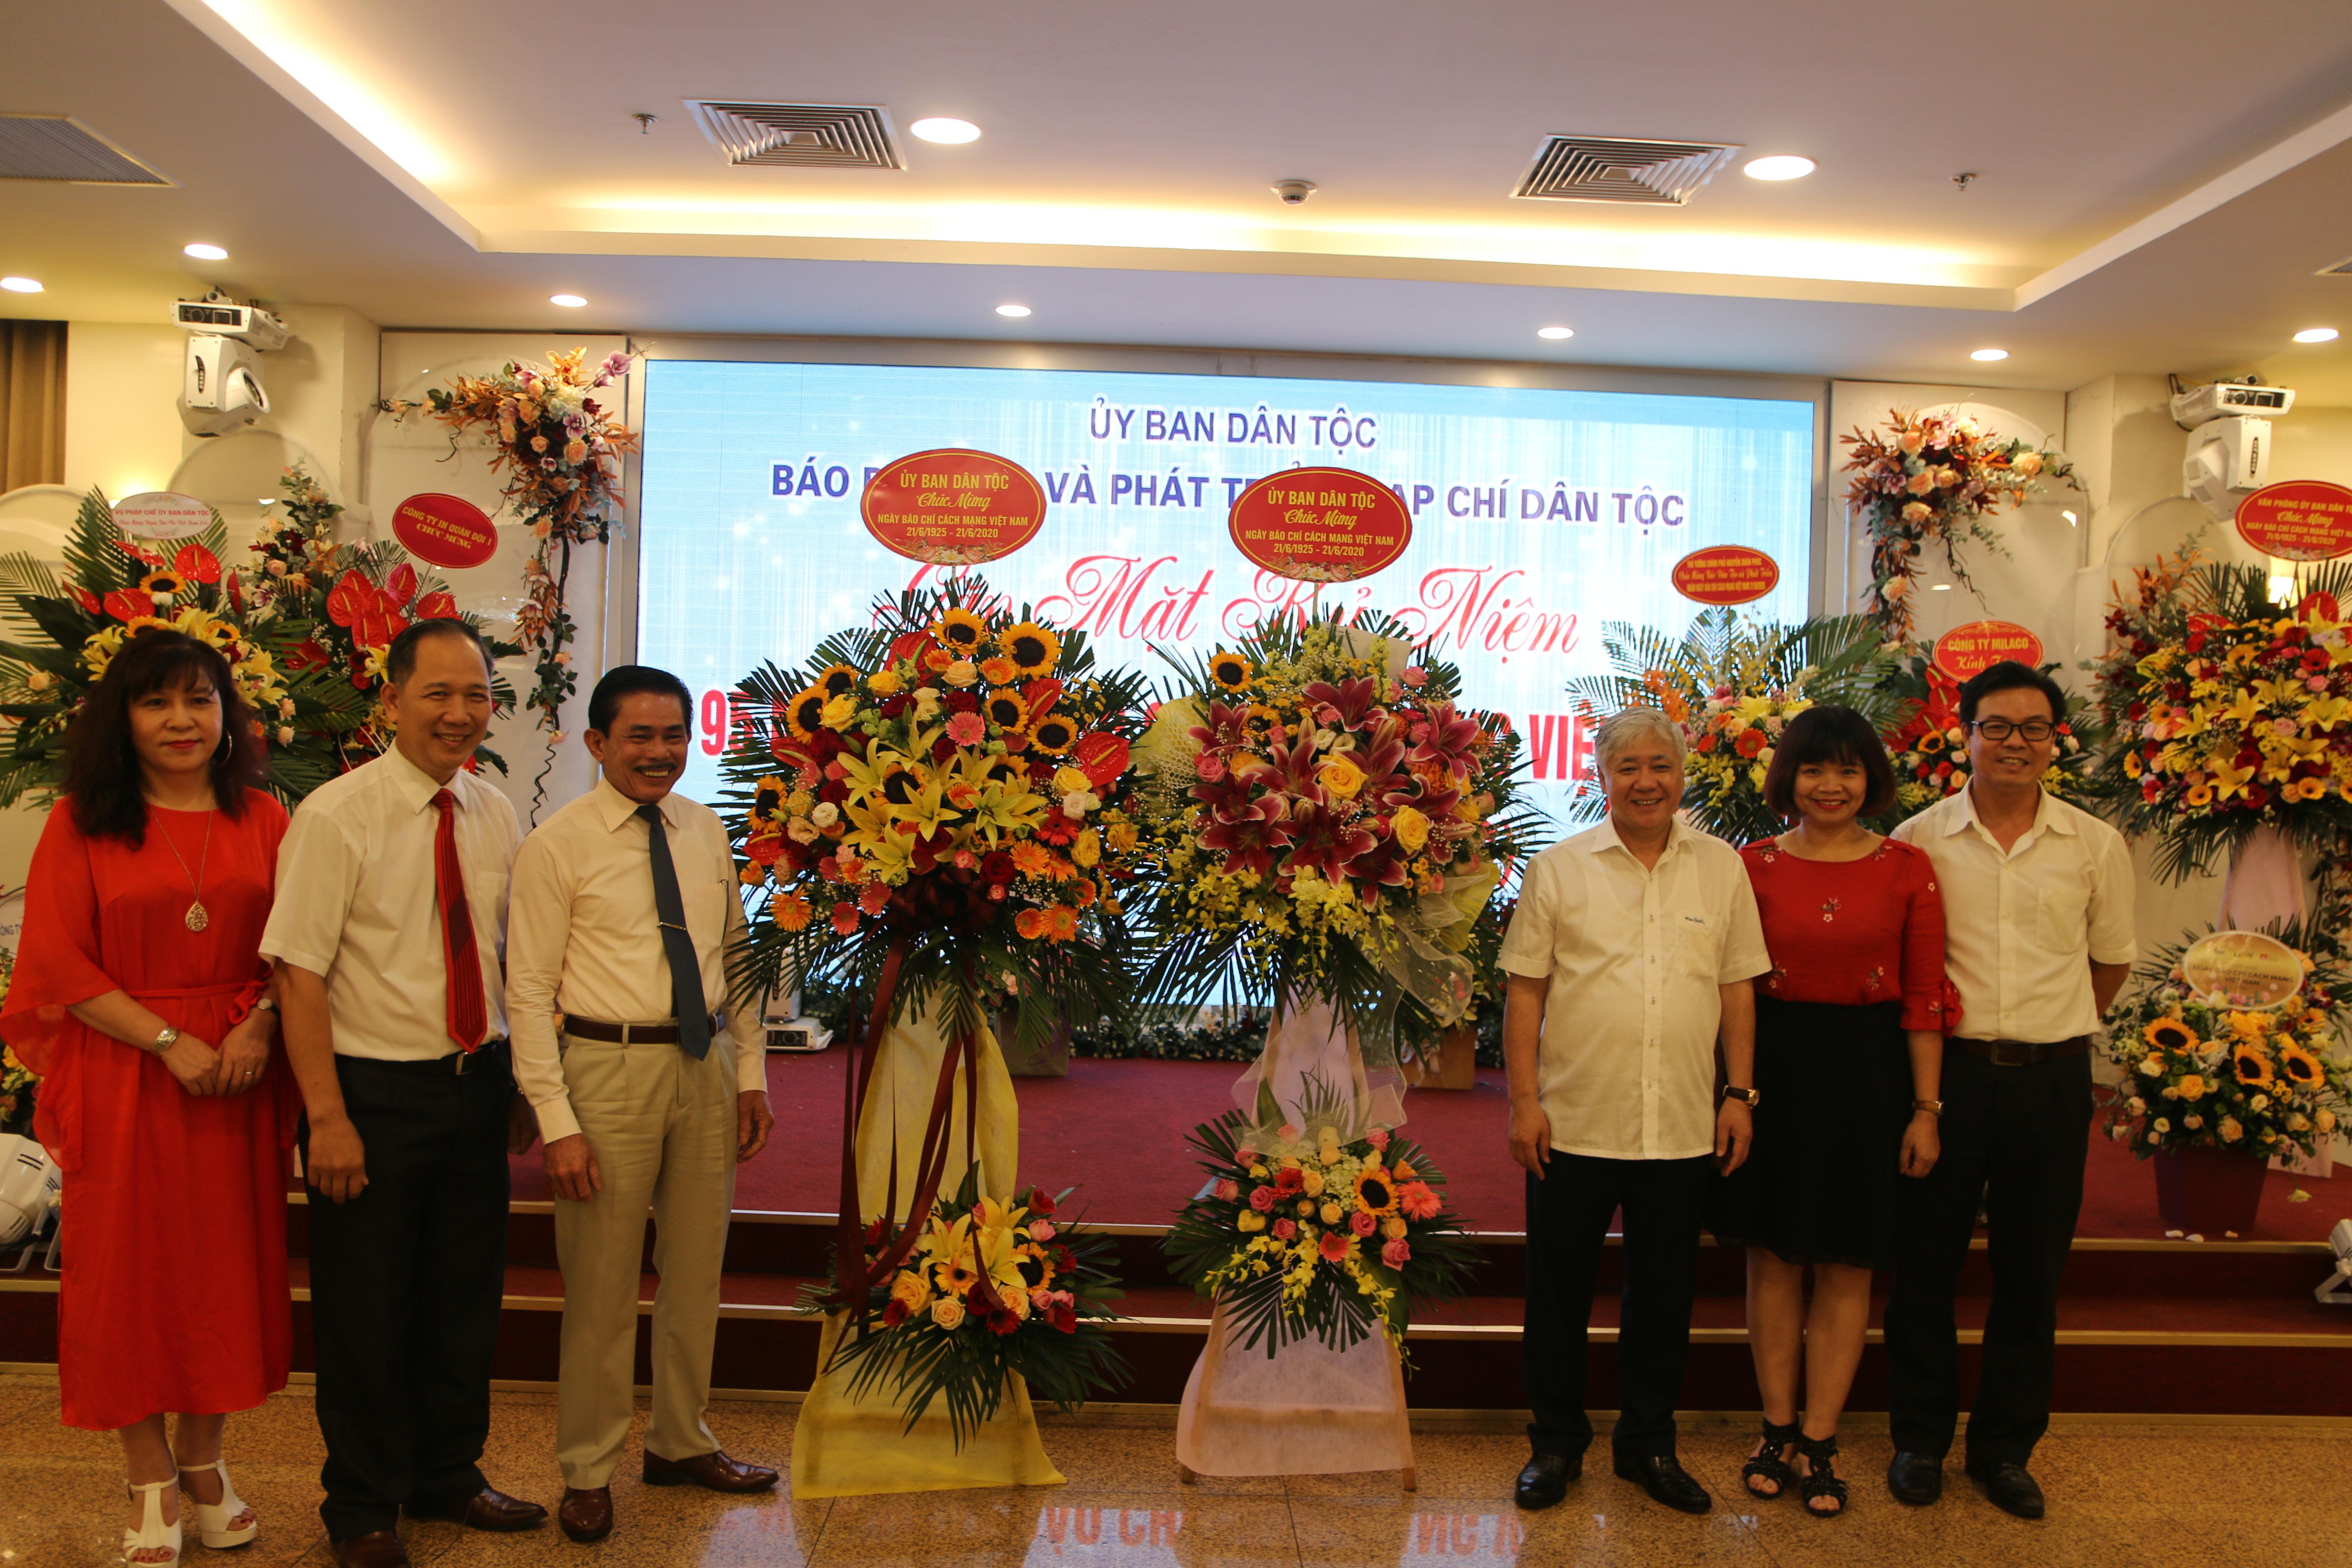 Bộ trưởng, Chủ nhiệm UBDT Đỗ Văn Chiến tặng hoa chúc mừng Báo Dân tộc và Phát triển cùng Tạp chí Dân tộc